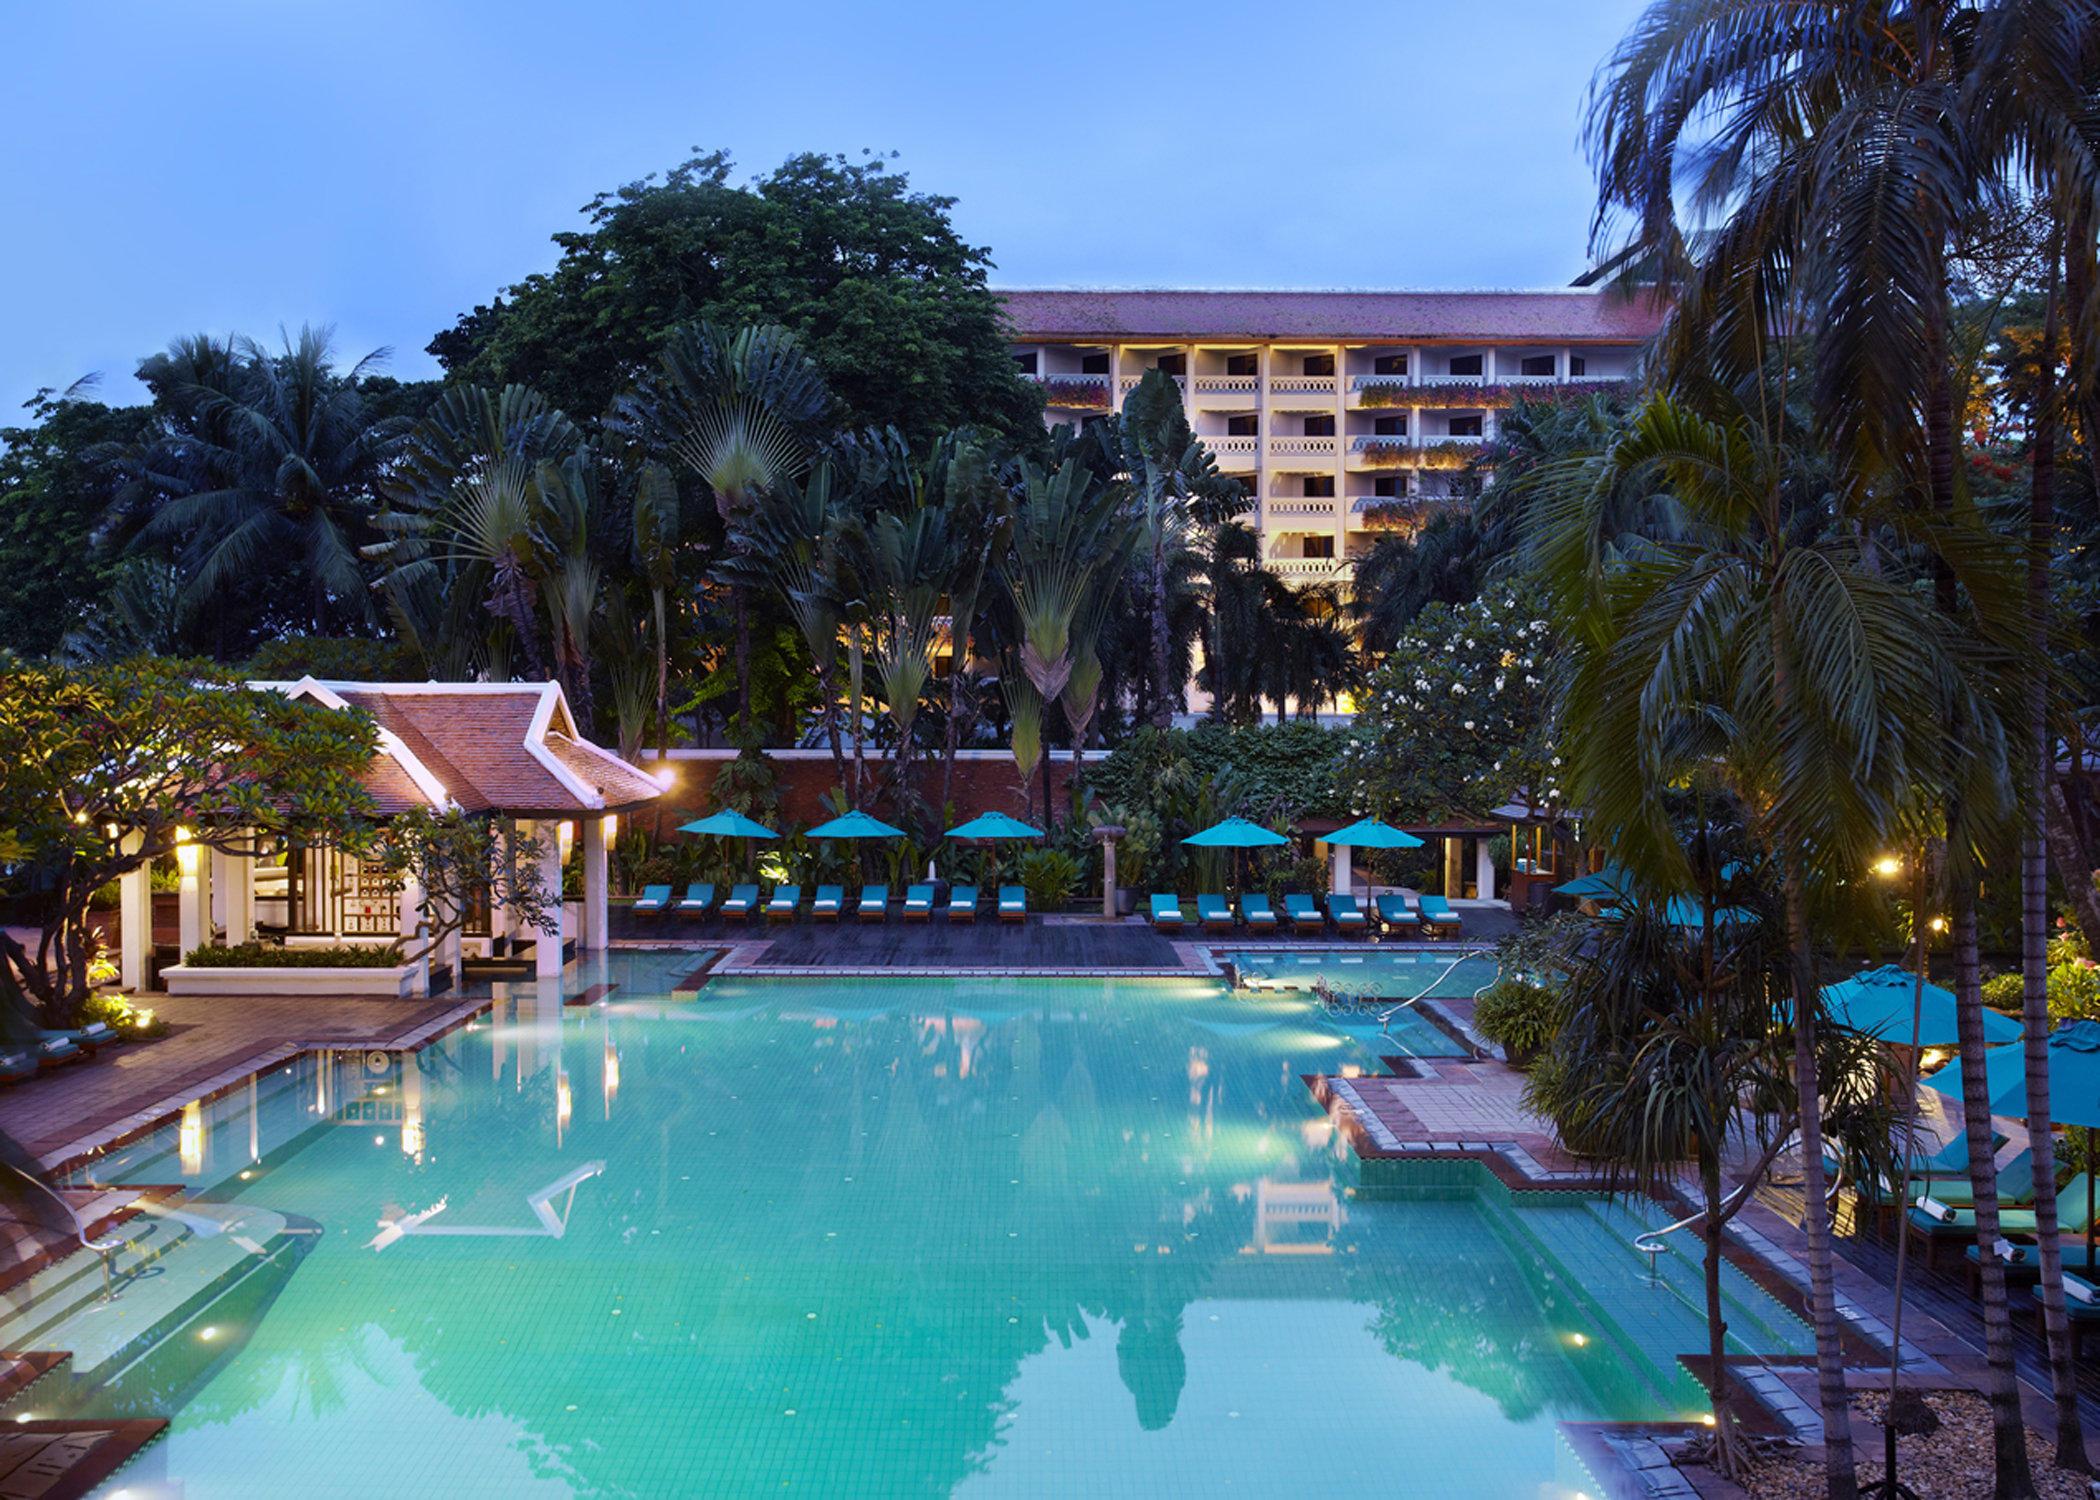 Anantara riverside bangkok resort in bangkok holidaycheck bangkok thailand - Hotel bangkok piscina ...